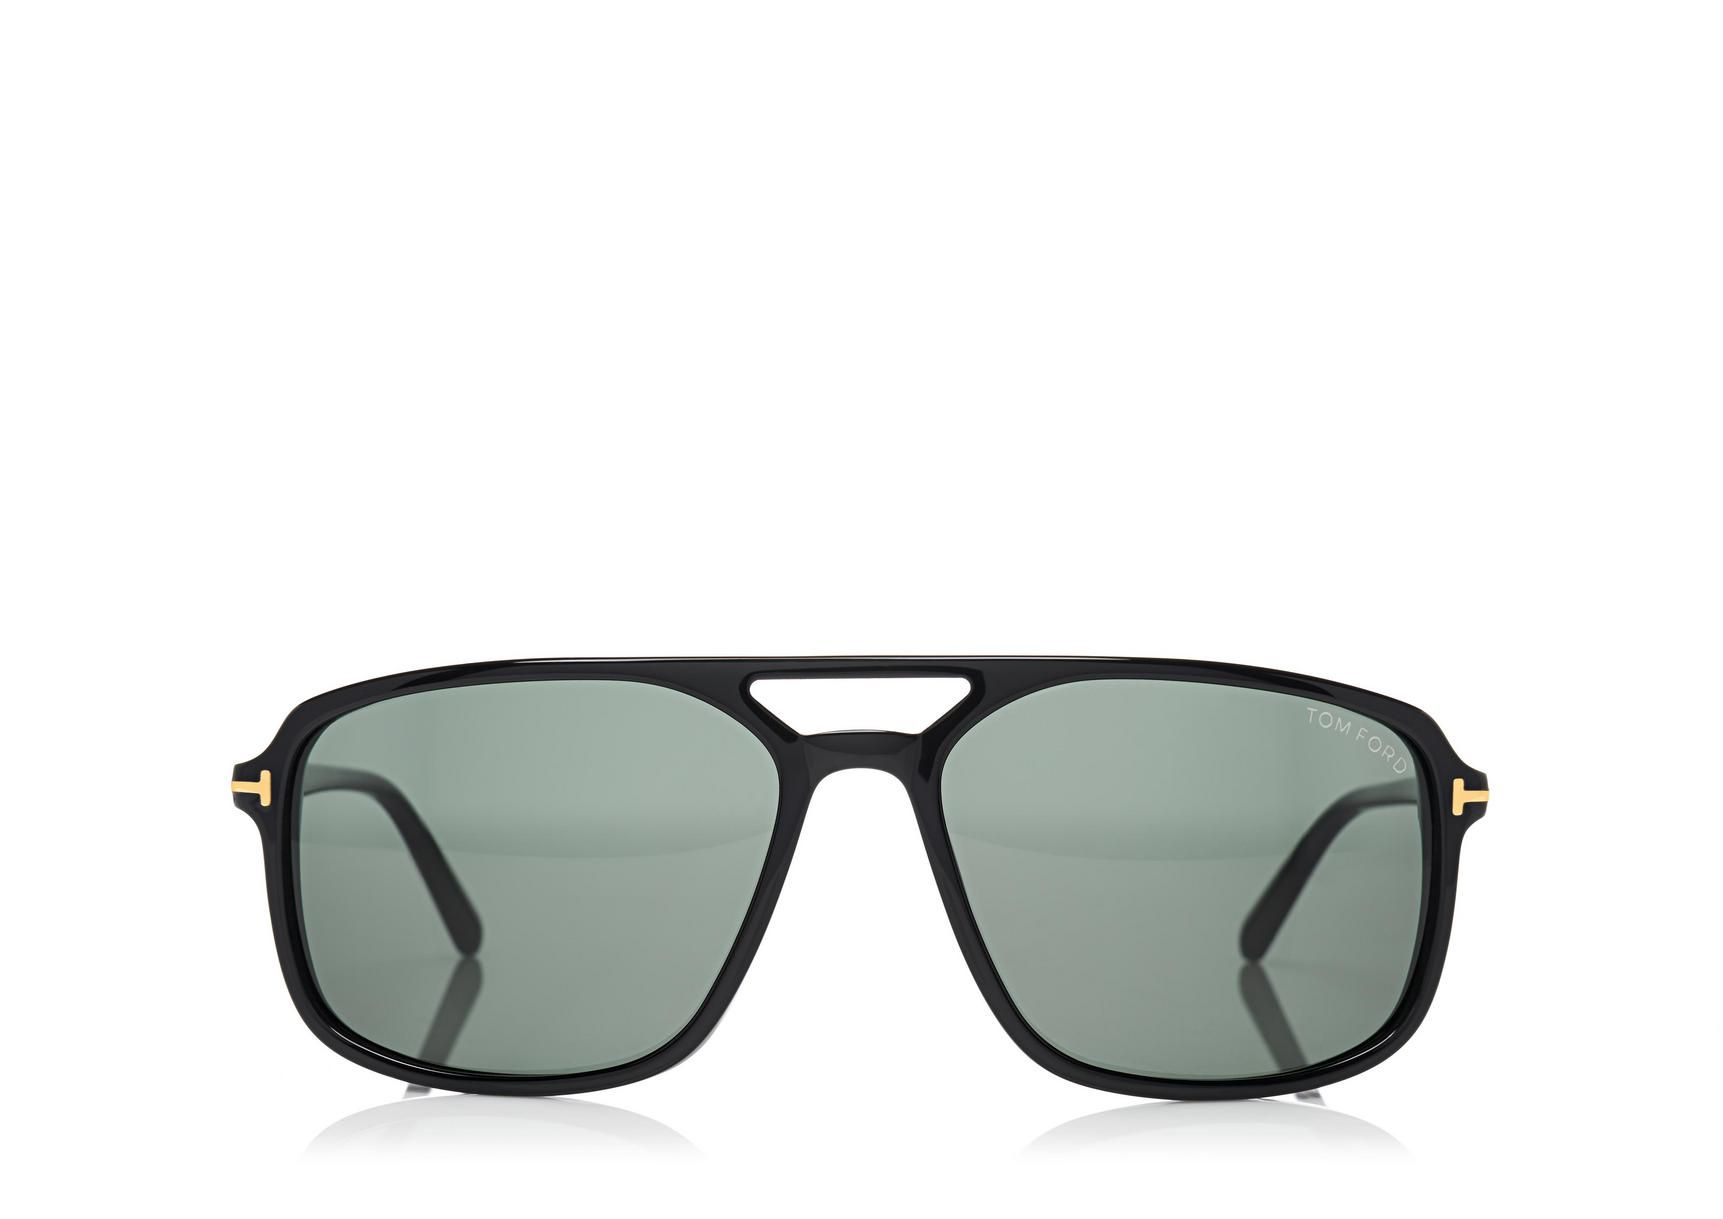 e688998e20 Tom Ford Terry Square Sunglasses